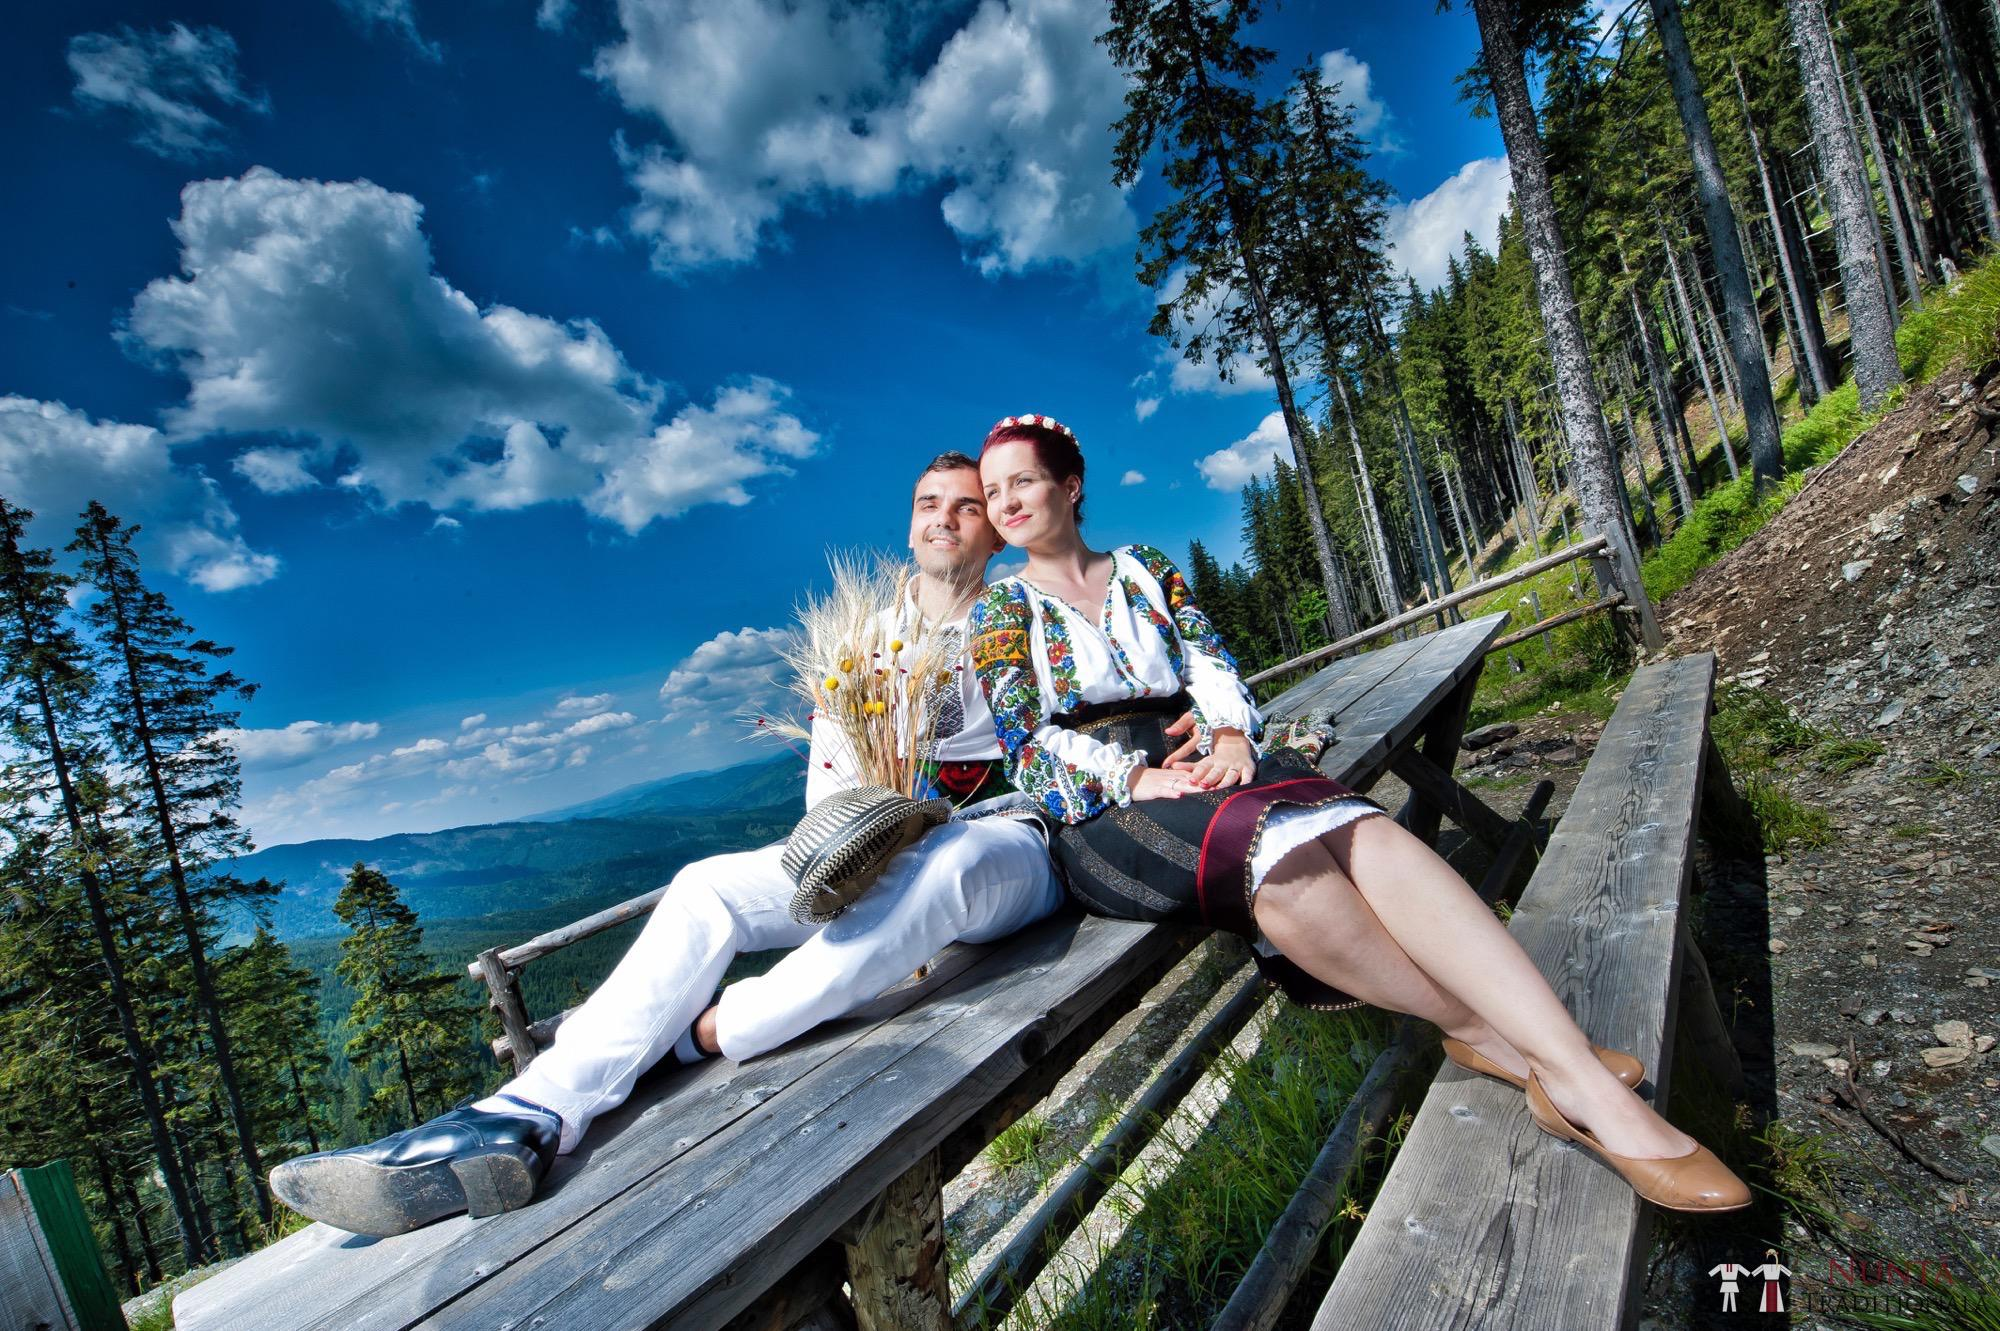 Povești Nunți Tradiționale - Gabriela și Mădălin - Nuntă Tradițională în Suceava, Bucovina 29